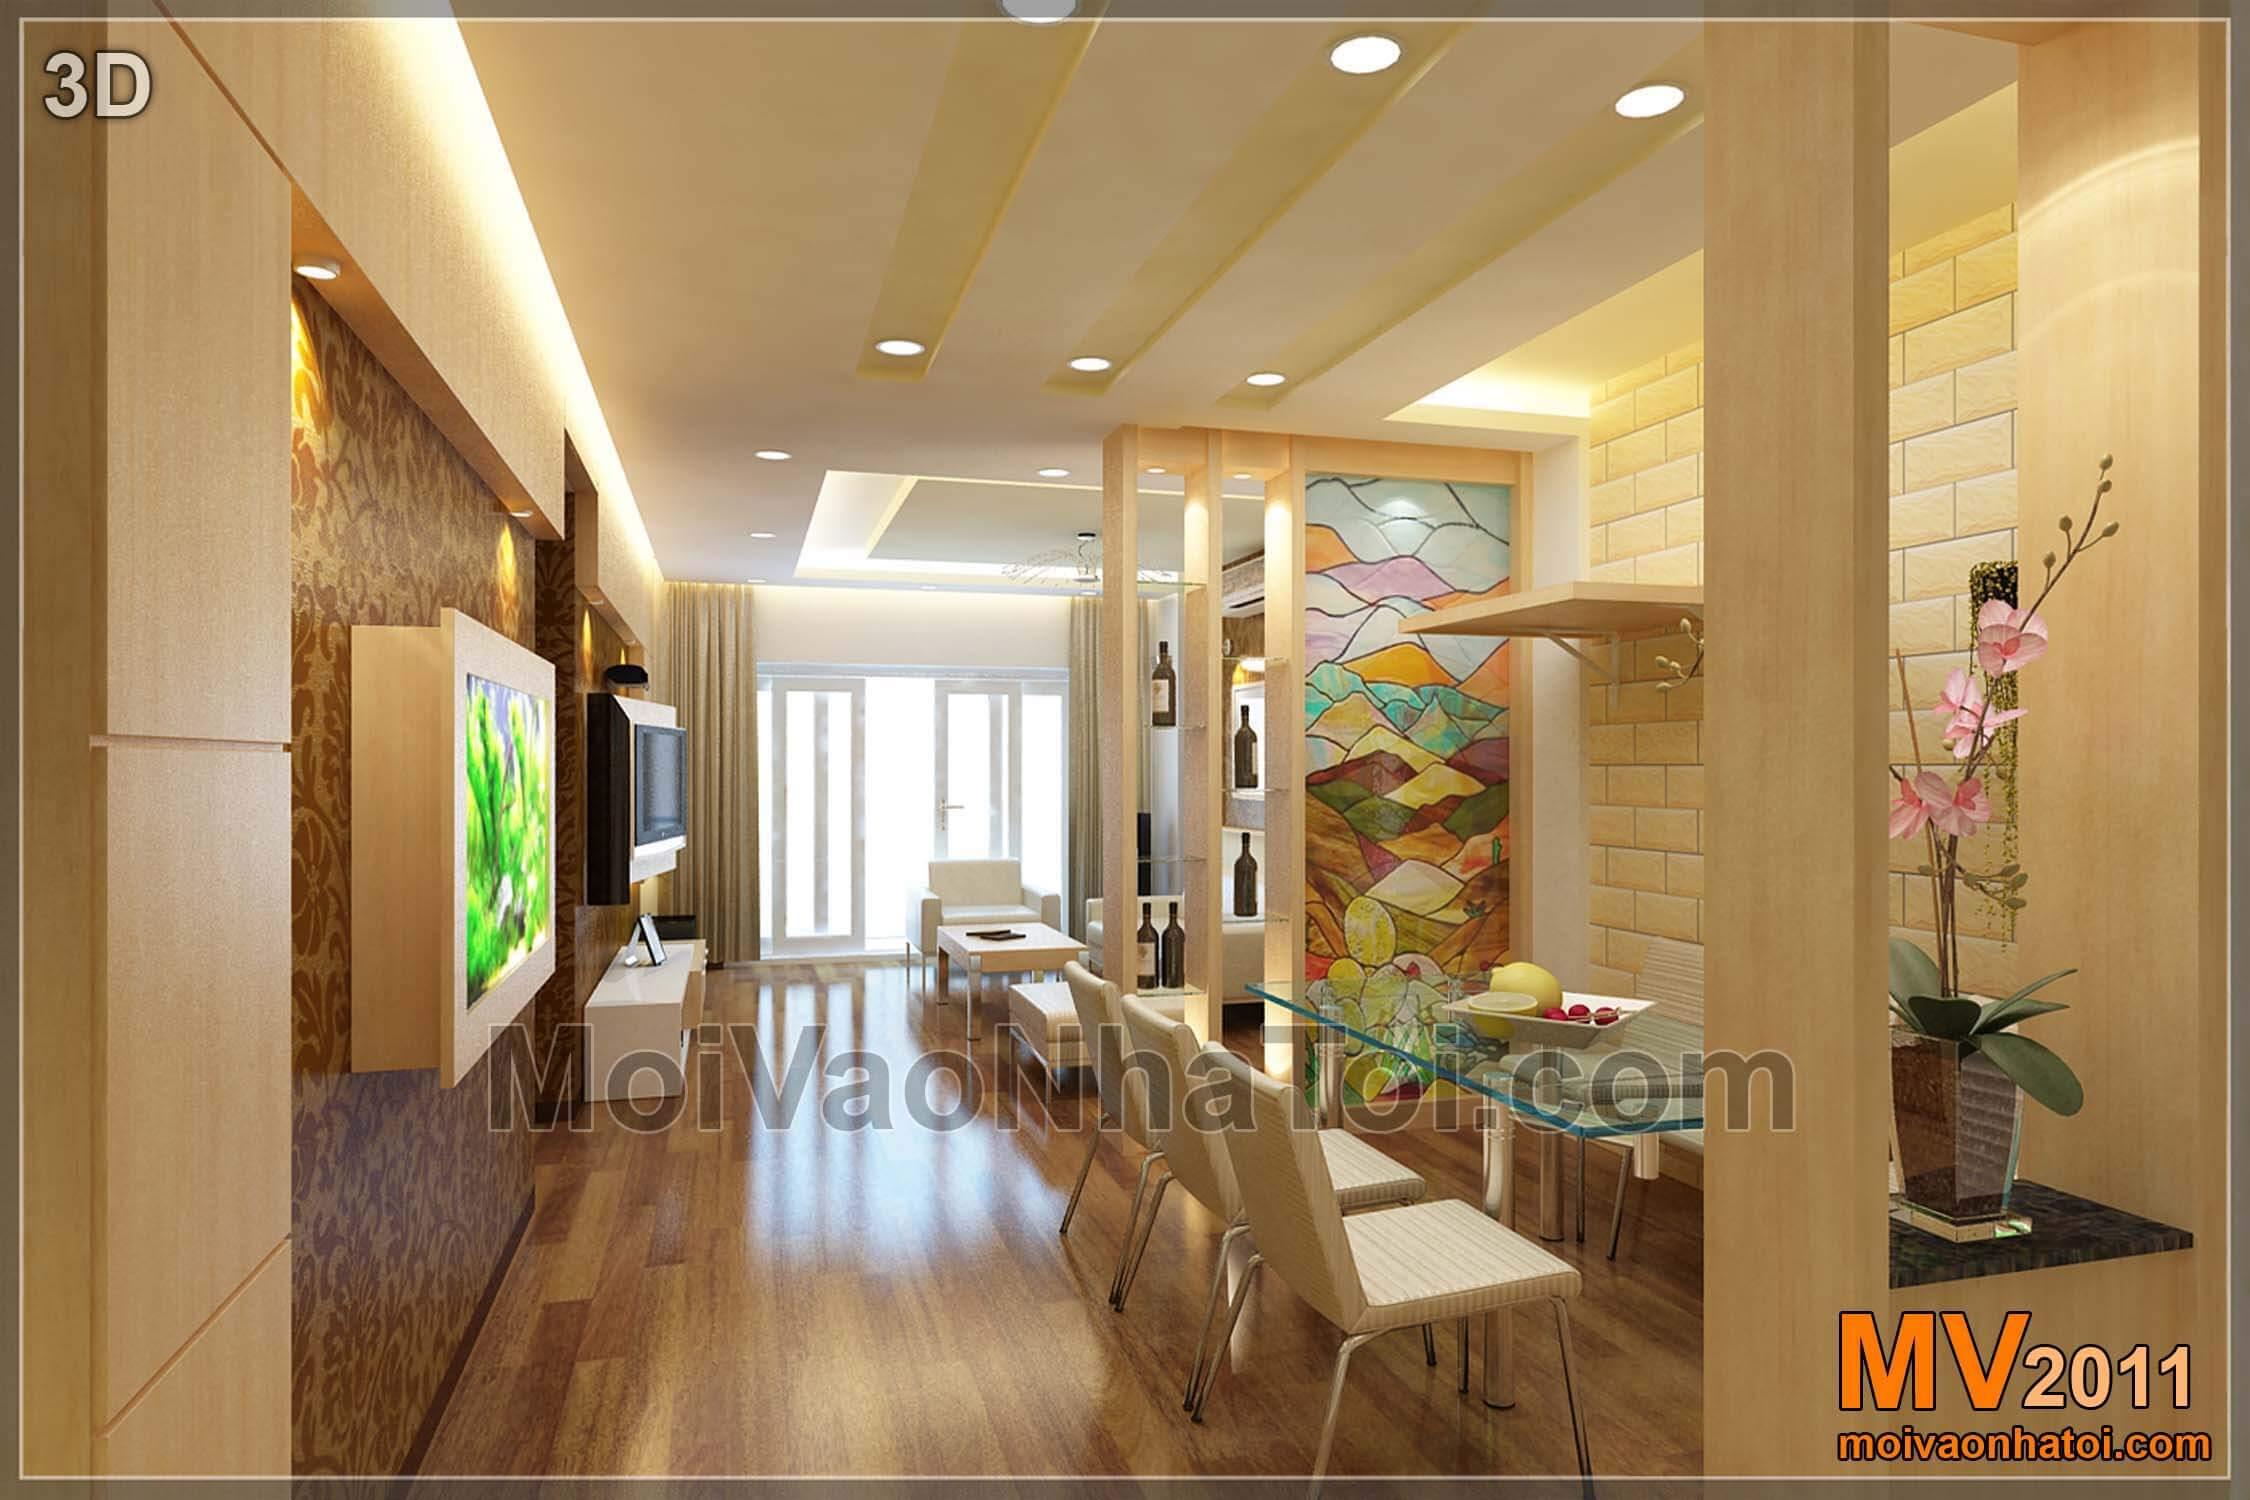 Bản vẽ 3D trang trí nội thất phòng khách